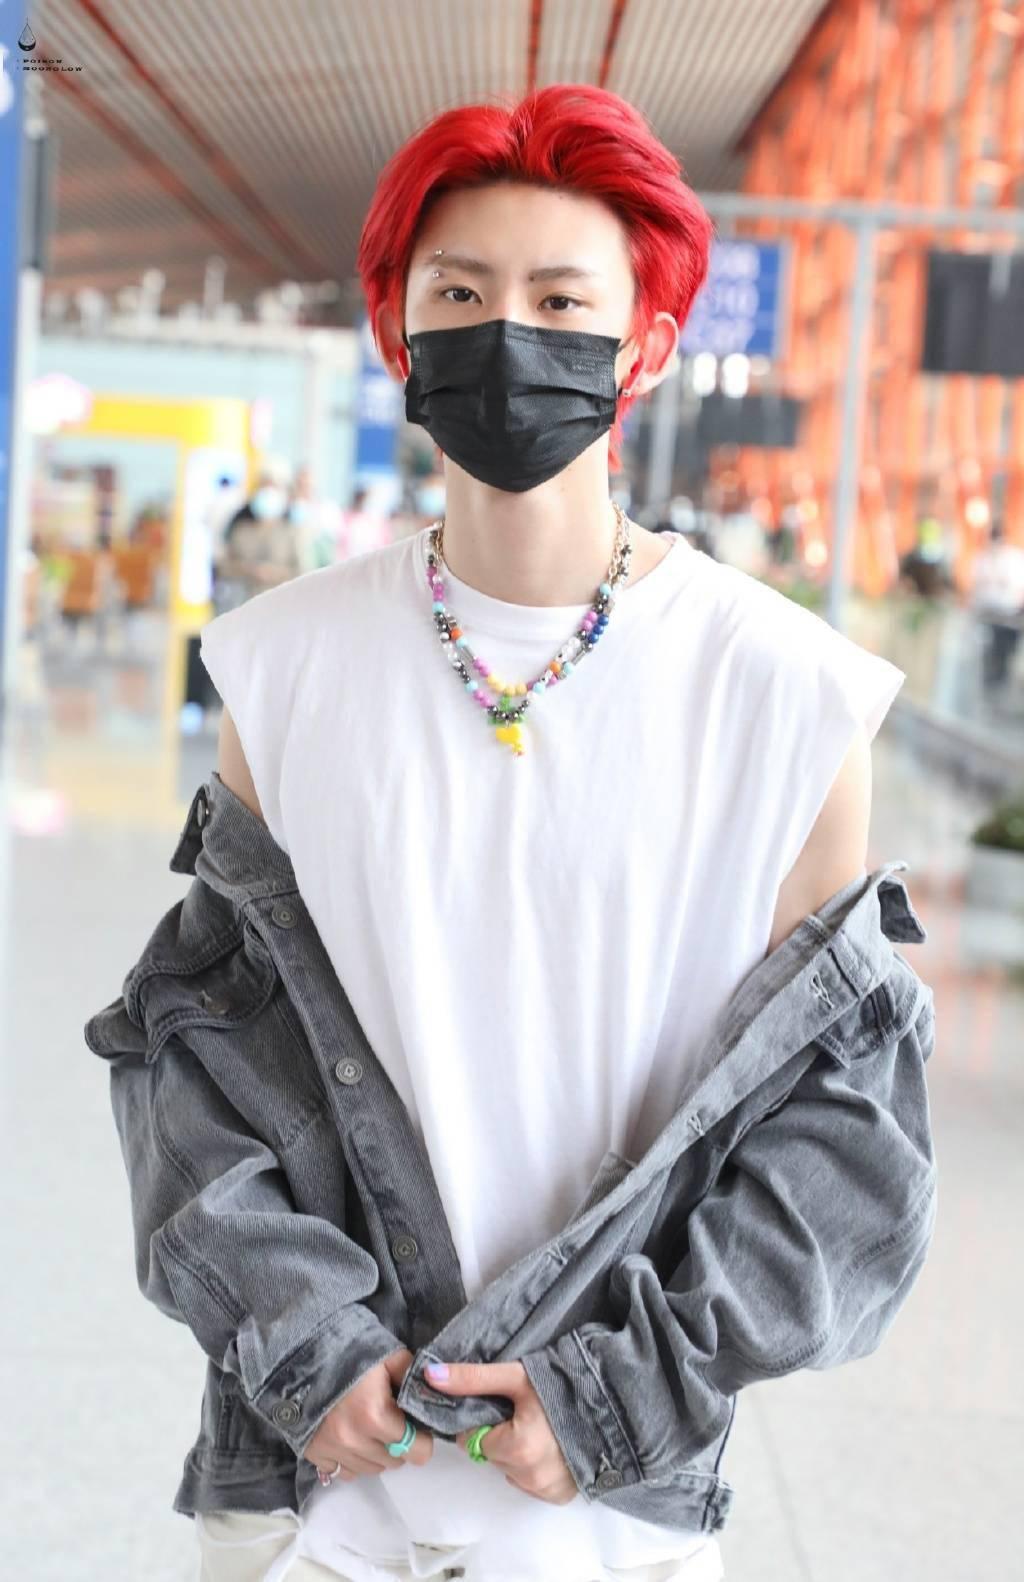 小鬼現身北京機場出發飛往鄭州 22歲酷蓋的第一飛順利起航!